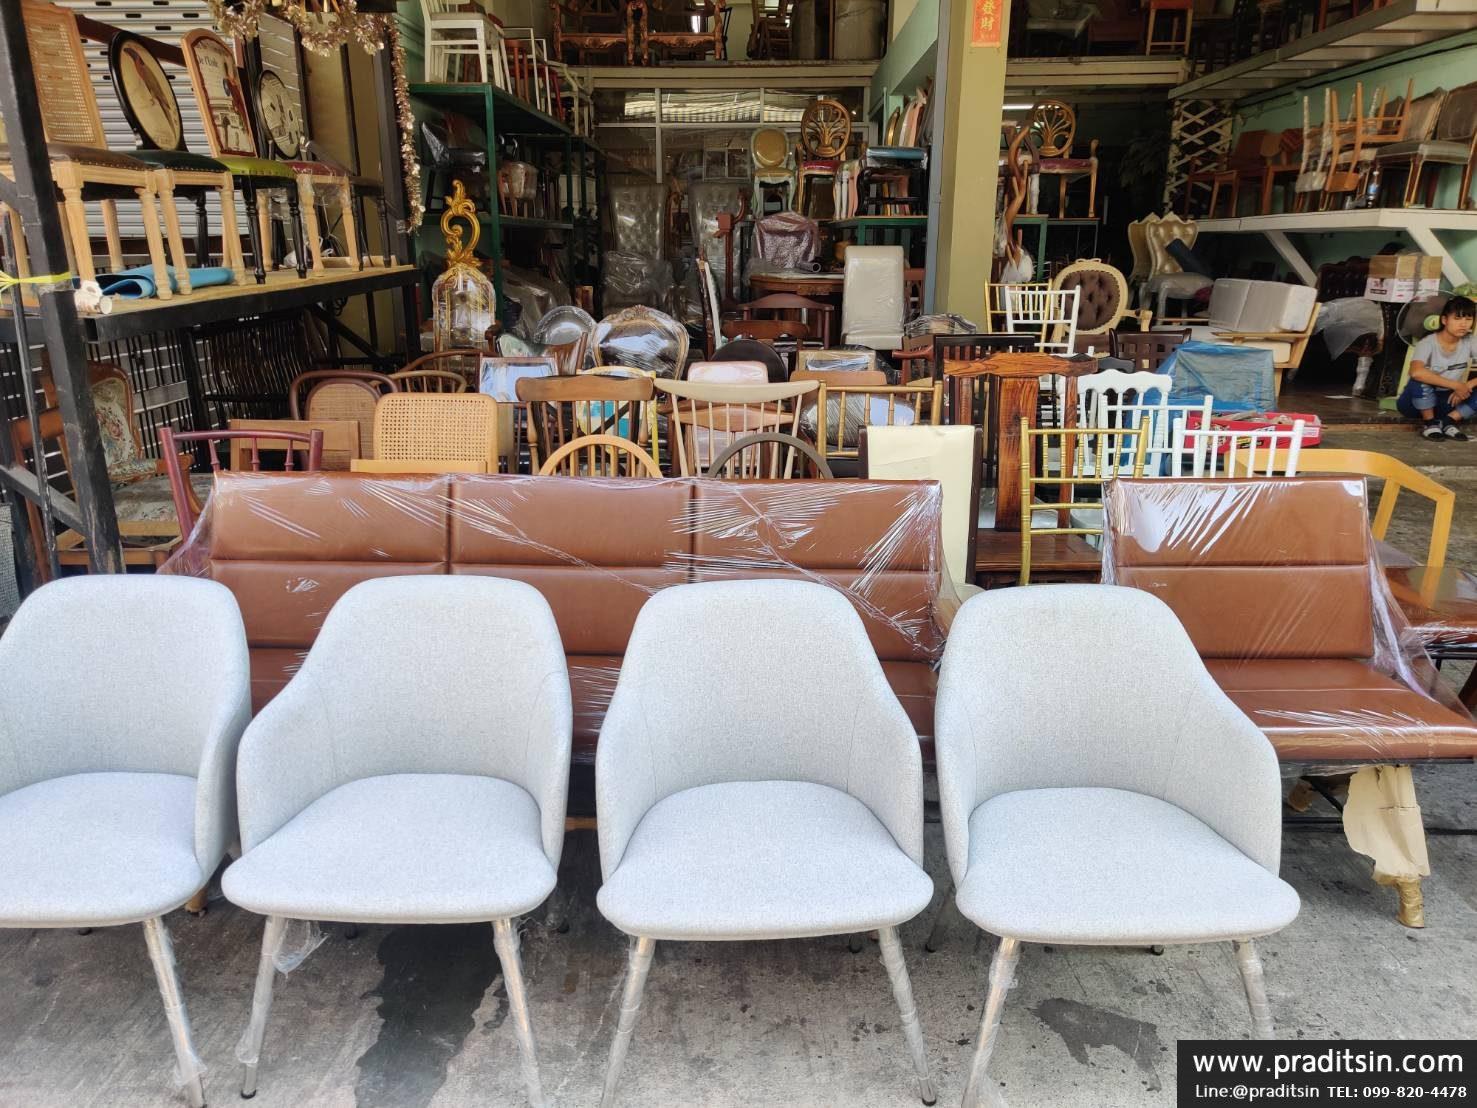 รับทำเฟอร์นิเจอร์ไม้จริง รับทำโต๊ะไม้ ตู้ไม้ เก้าอี้ไม้ตามแบบ สำเร็จรูป